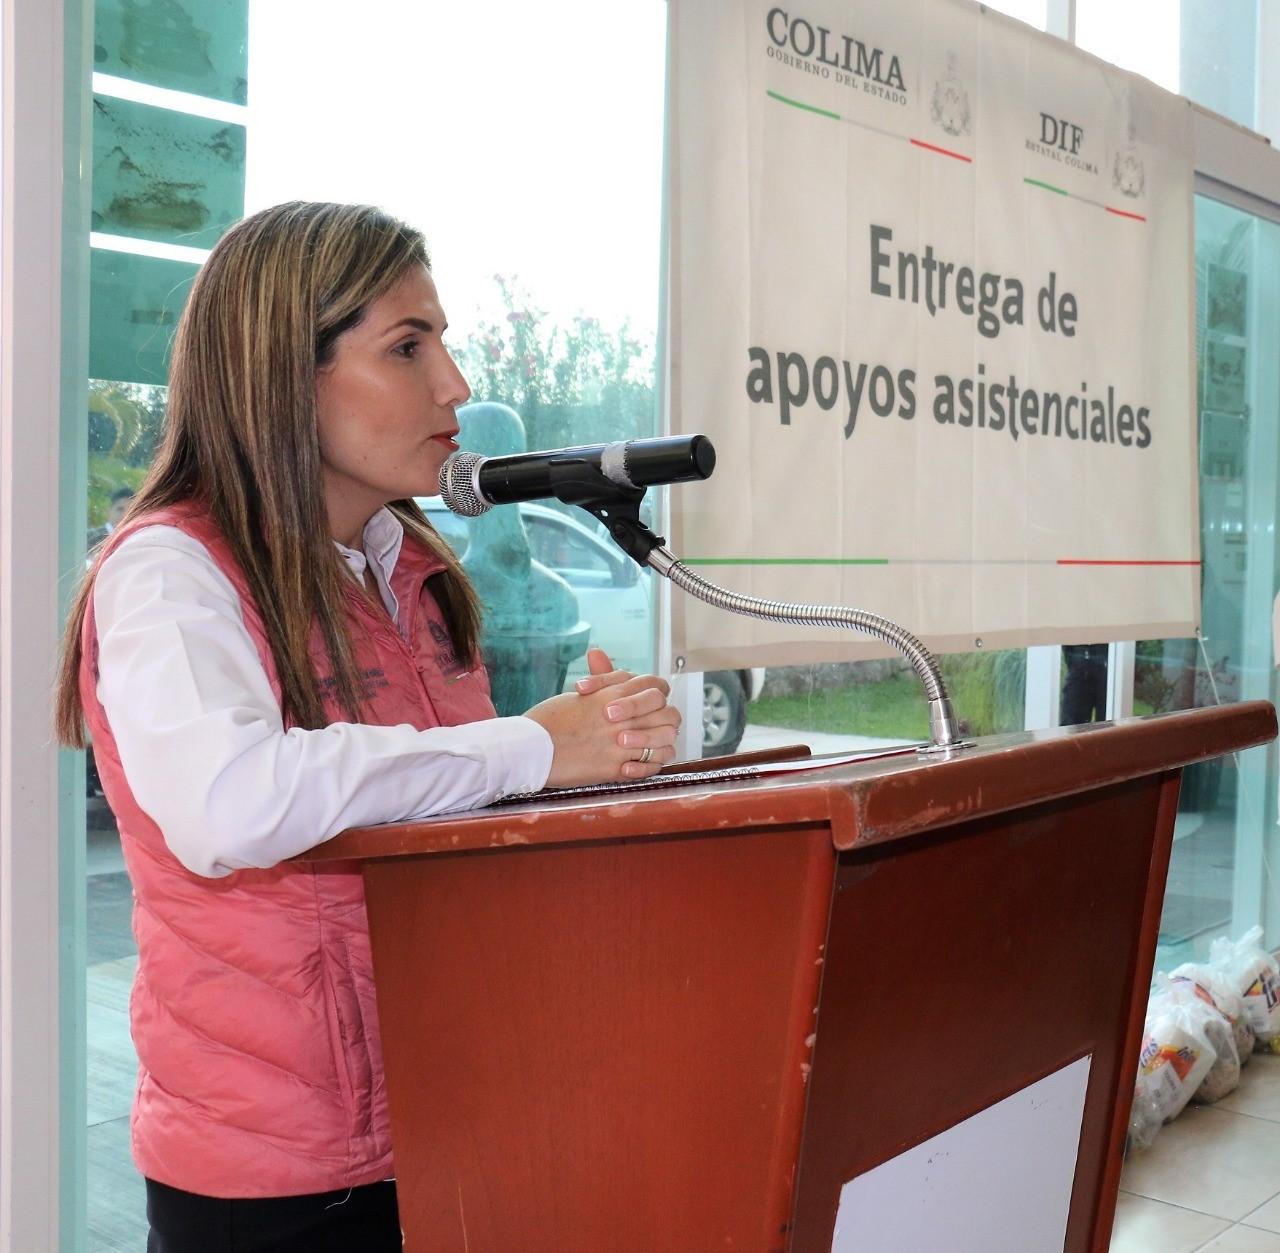 Entregan apoyos asistenciales a población con insuficiencia renal